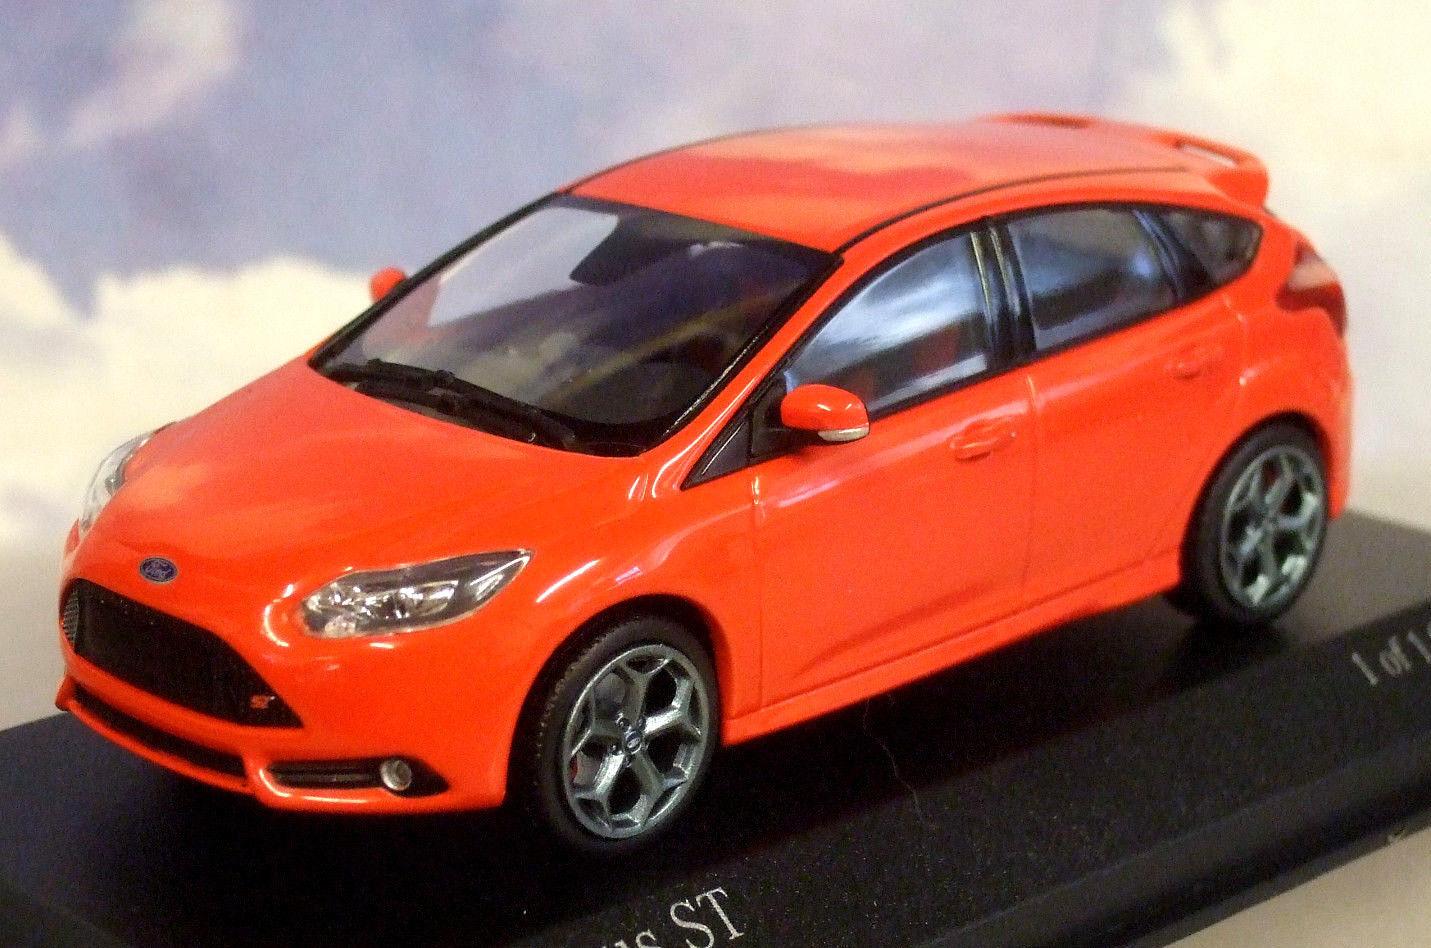 FORD FOCUS ST 2011 RACE röd MINISTAMPS 41008001 1  43 ENGLAND röd röd